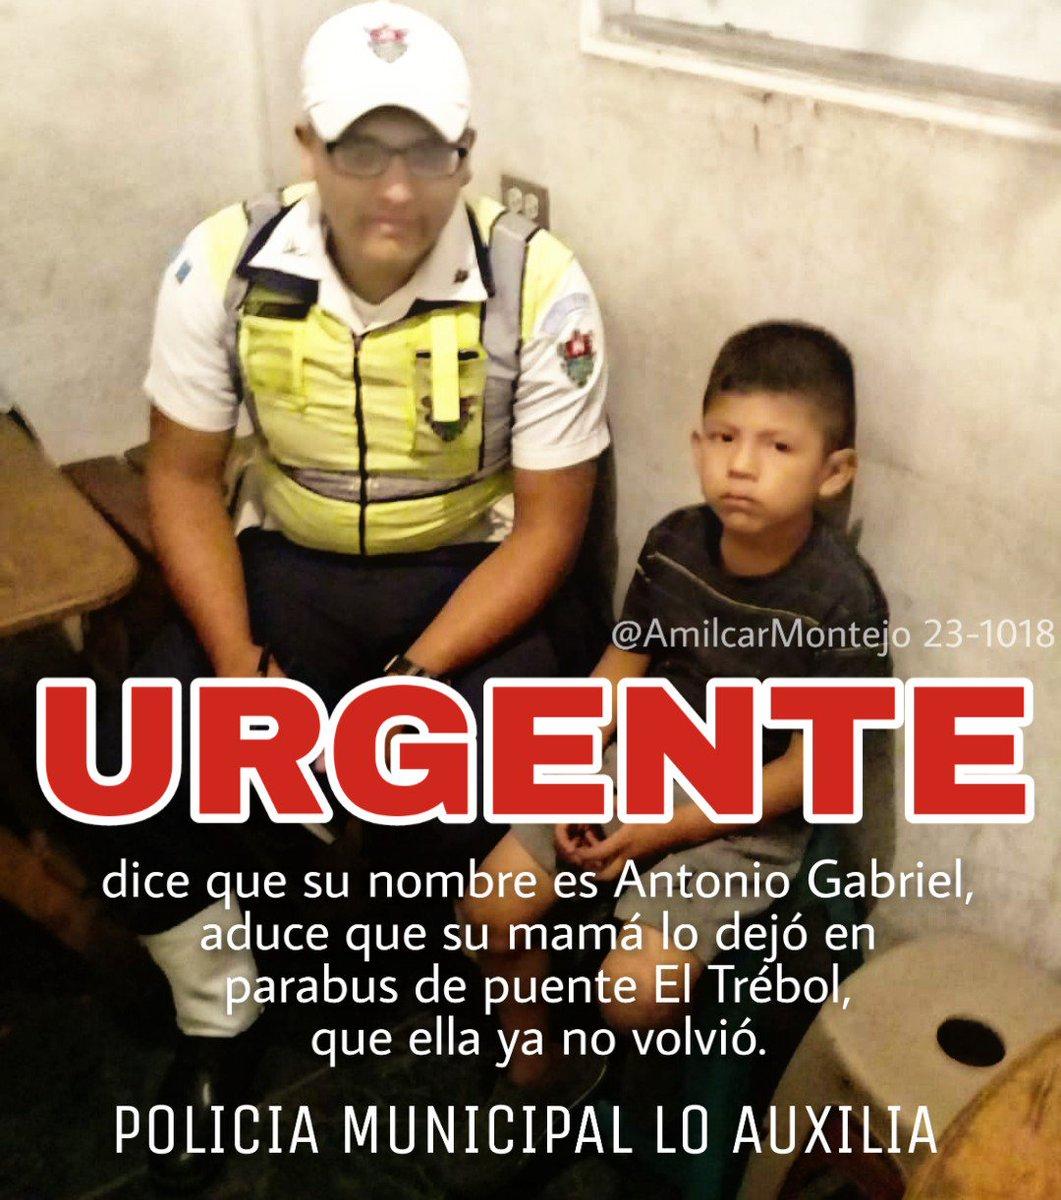 #UrgenteGT | Dice que le llaman Antonio Gabriel y tiene entre 5 a 7 años de edad.  Aduce que su mamá lo dejó en parabus de puente El Trébol y que ella ya no regresó.  Como tenía hambre buscó a un Policía Municipal y le ha dado de comer, lo ha protegido.  Se ha coordinado #PGN.